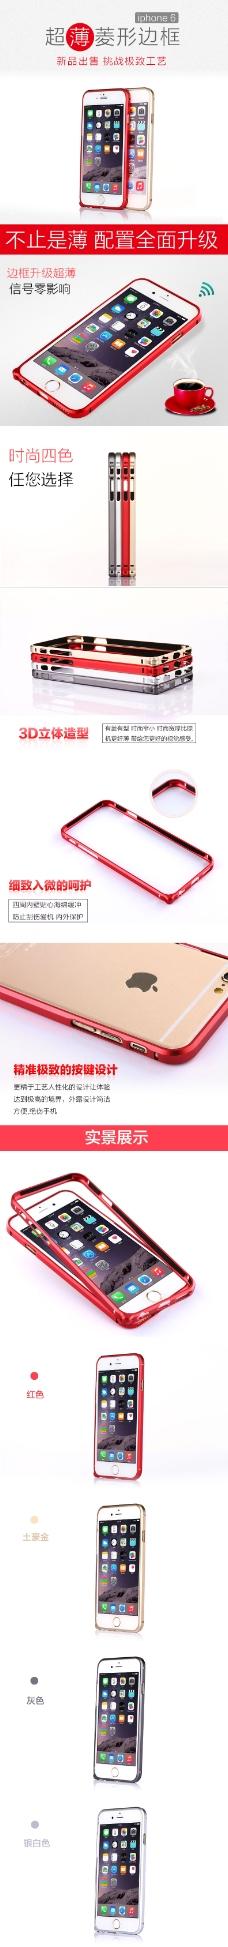 iphone6金属边框详情